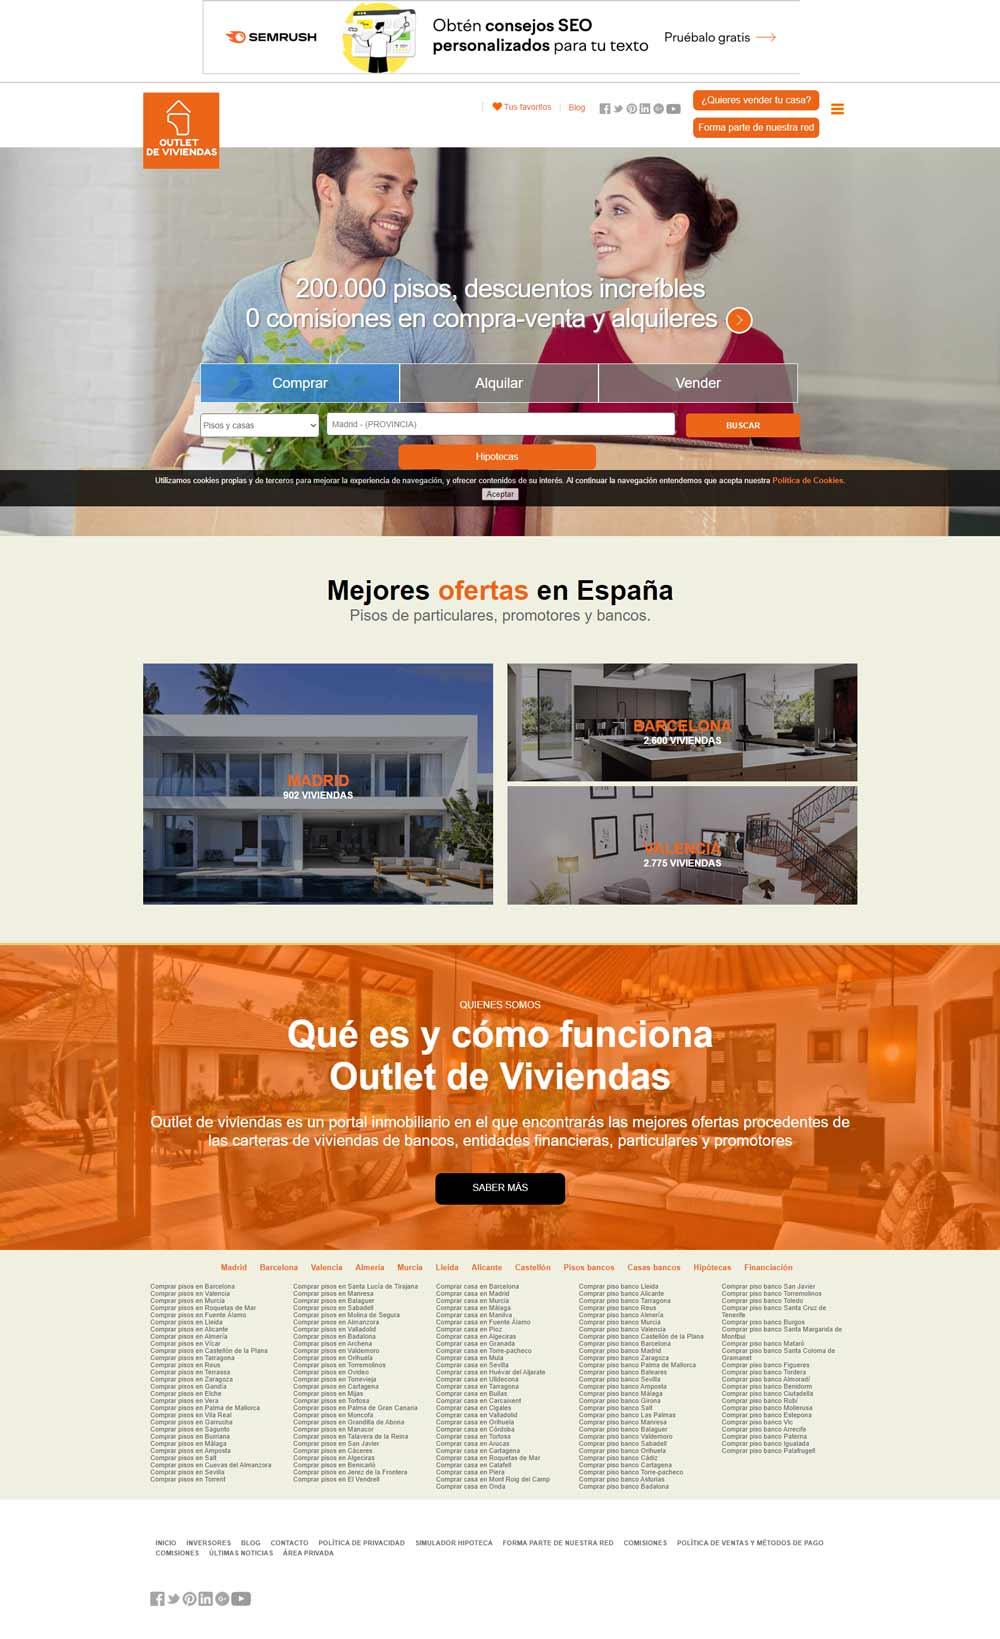 screencapture outlet viviendas